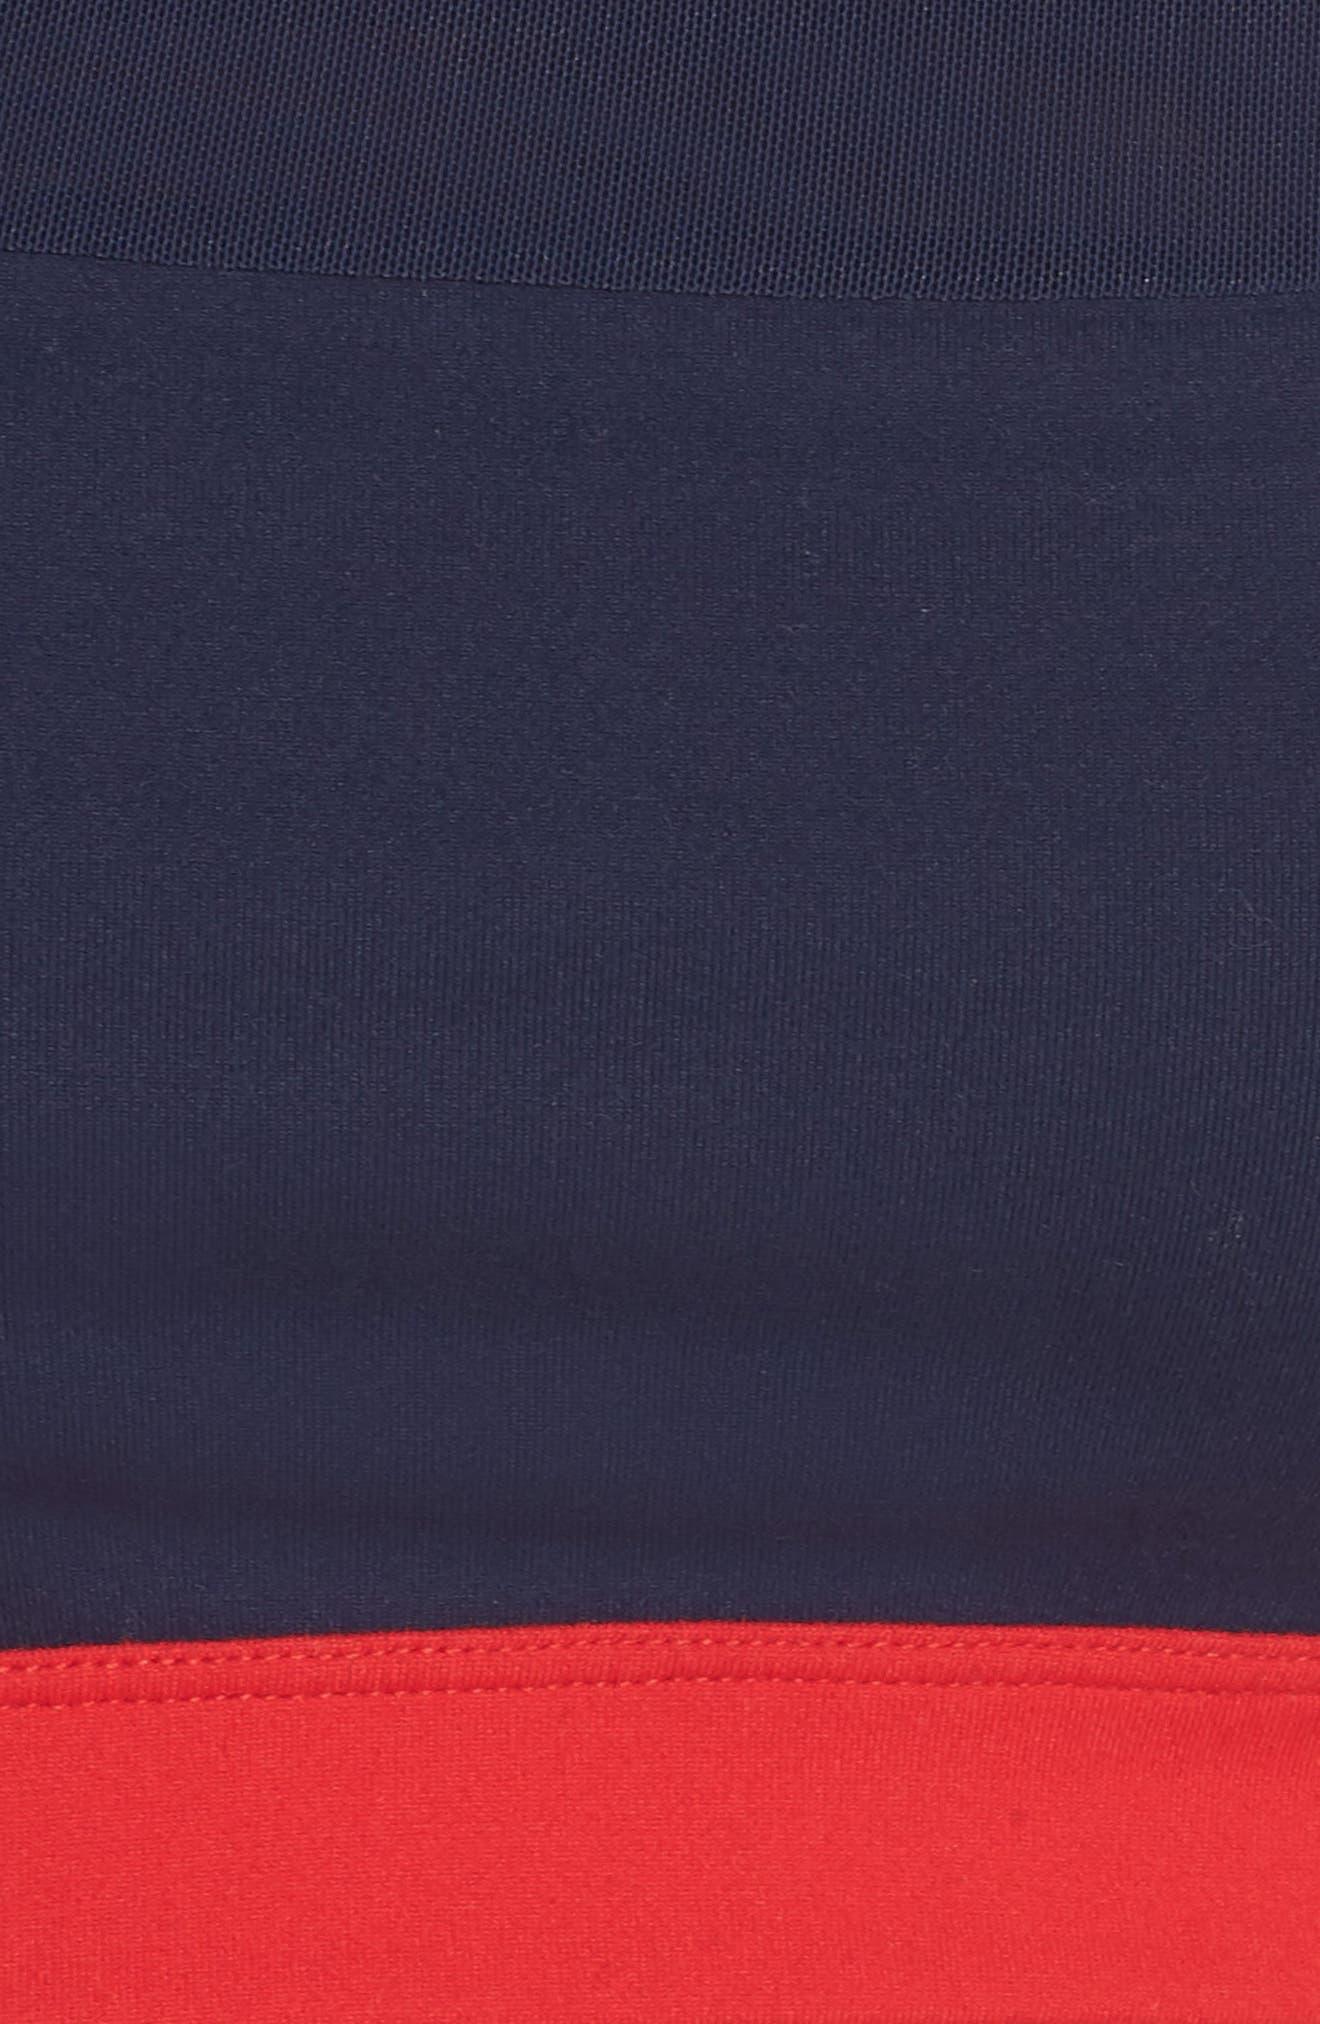 Jenna Sports Bra,                             Alternate thumbnail 15, color,